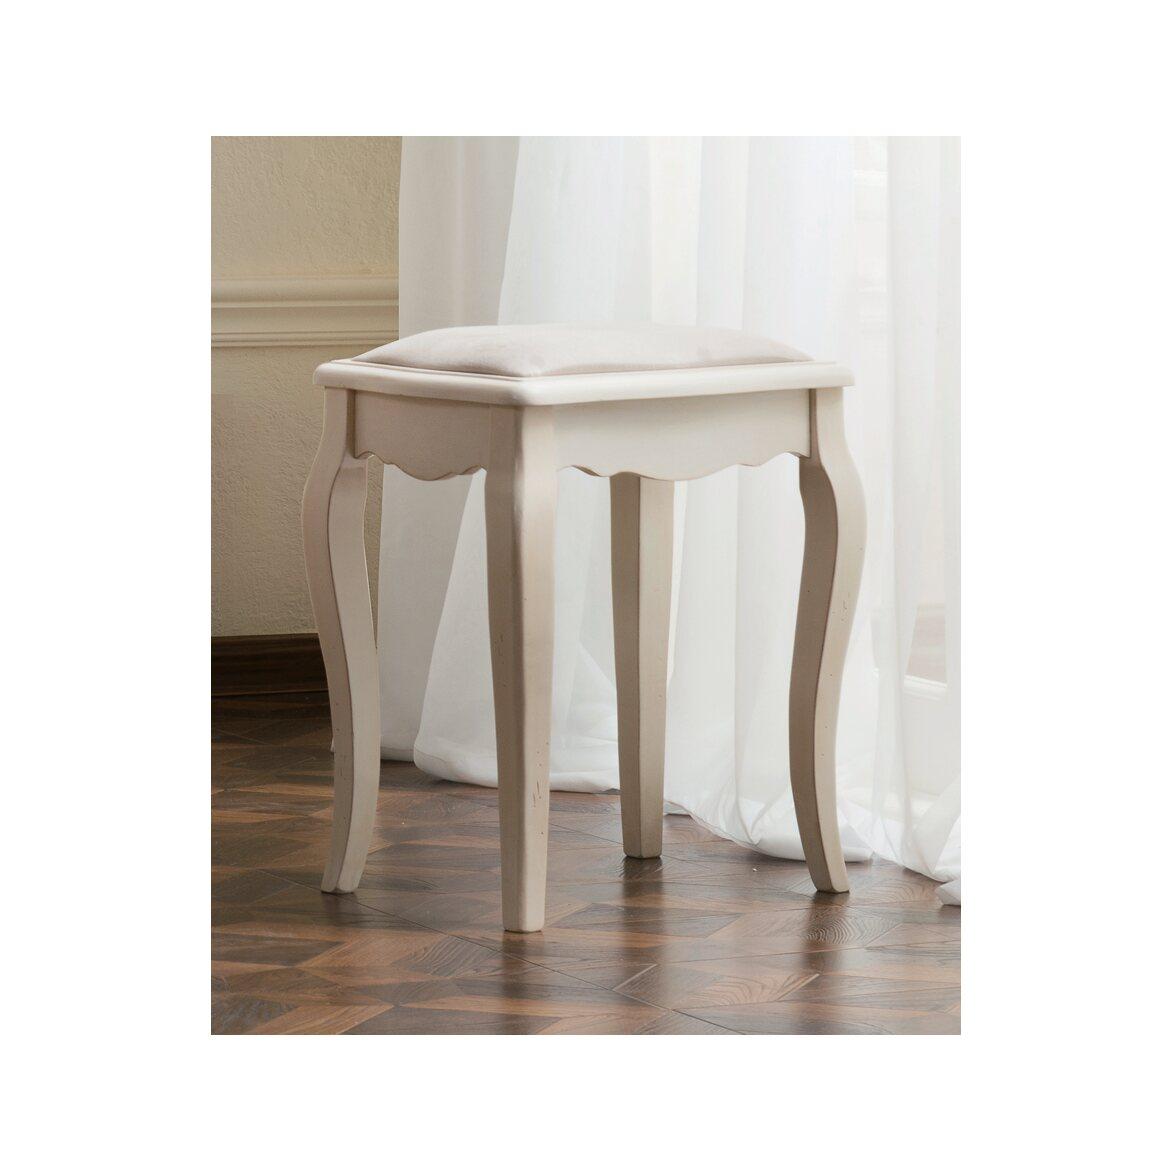 Табурет с мягким сиденьем к макияжному столику Leontina, бежевого цвета 4 | Стулья Kingsby